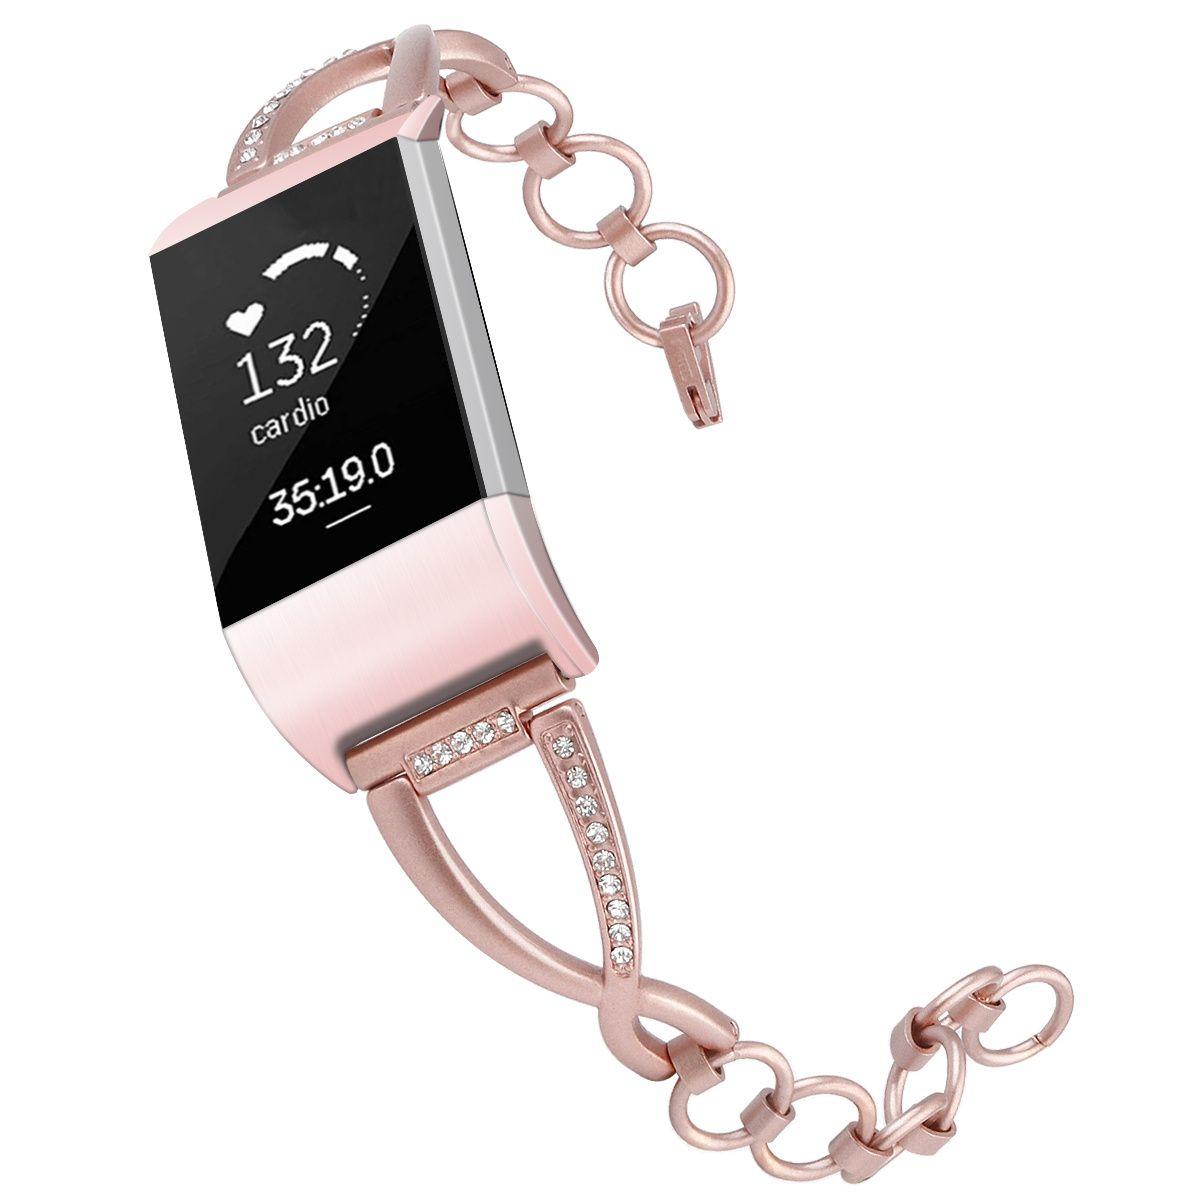 Fitbit Şarj 2 İzle Band Kristal Paslanmaz Çelik Metal Fitbit Şarj 2 Correa Fitbit Için Bileklik Kayışı Band İzle 62001